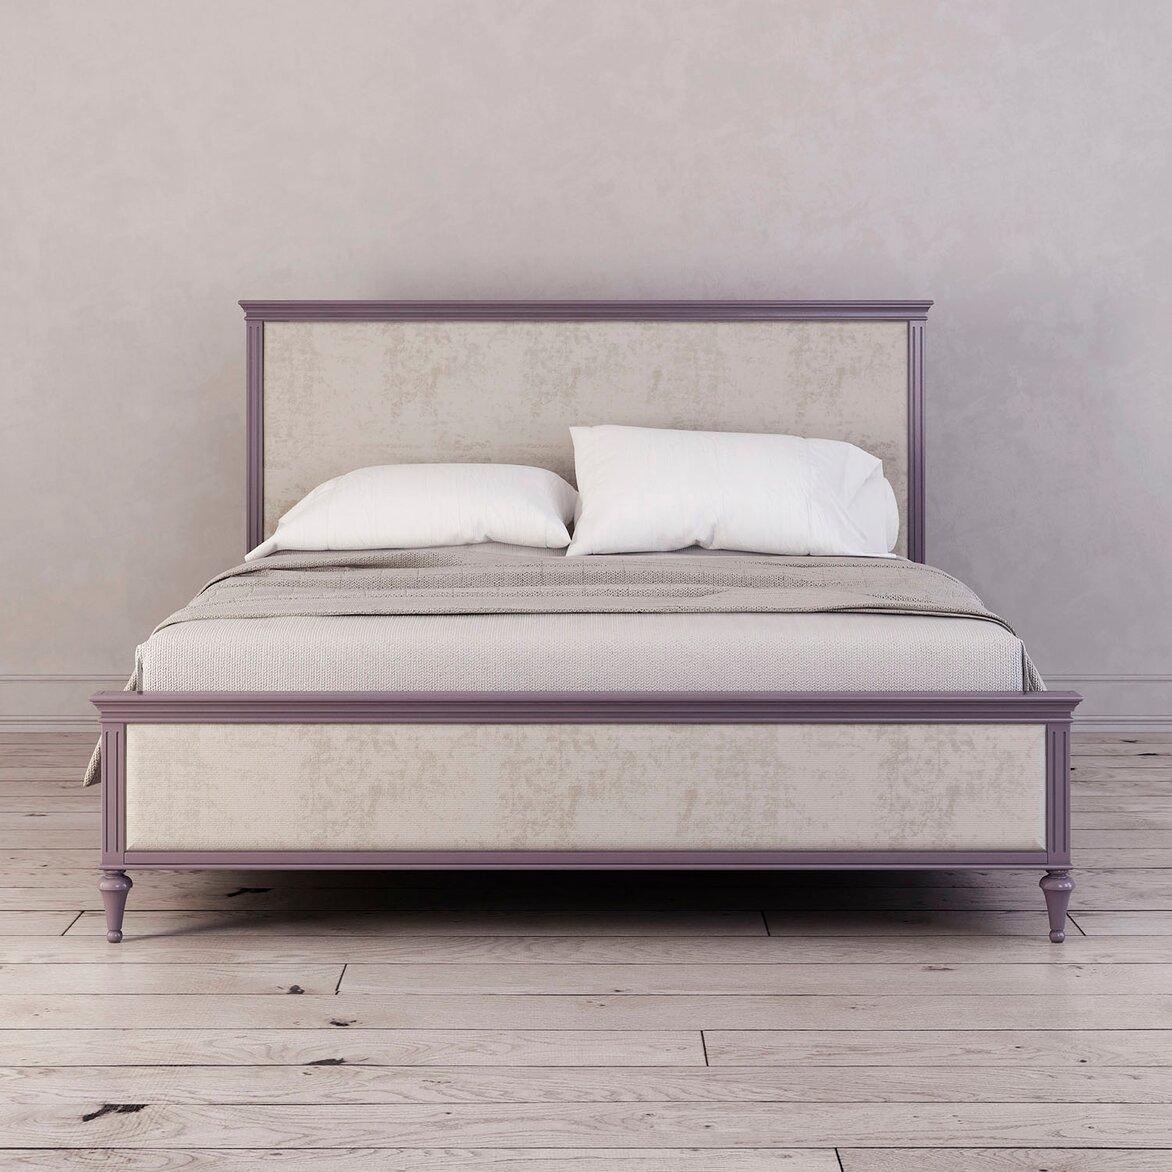 Кровать с мягким изголовьем Riverdi, орхидея